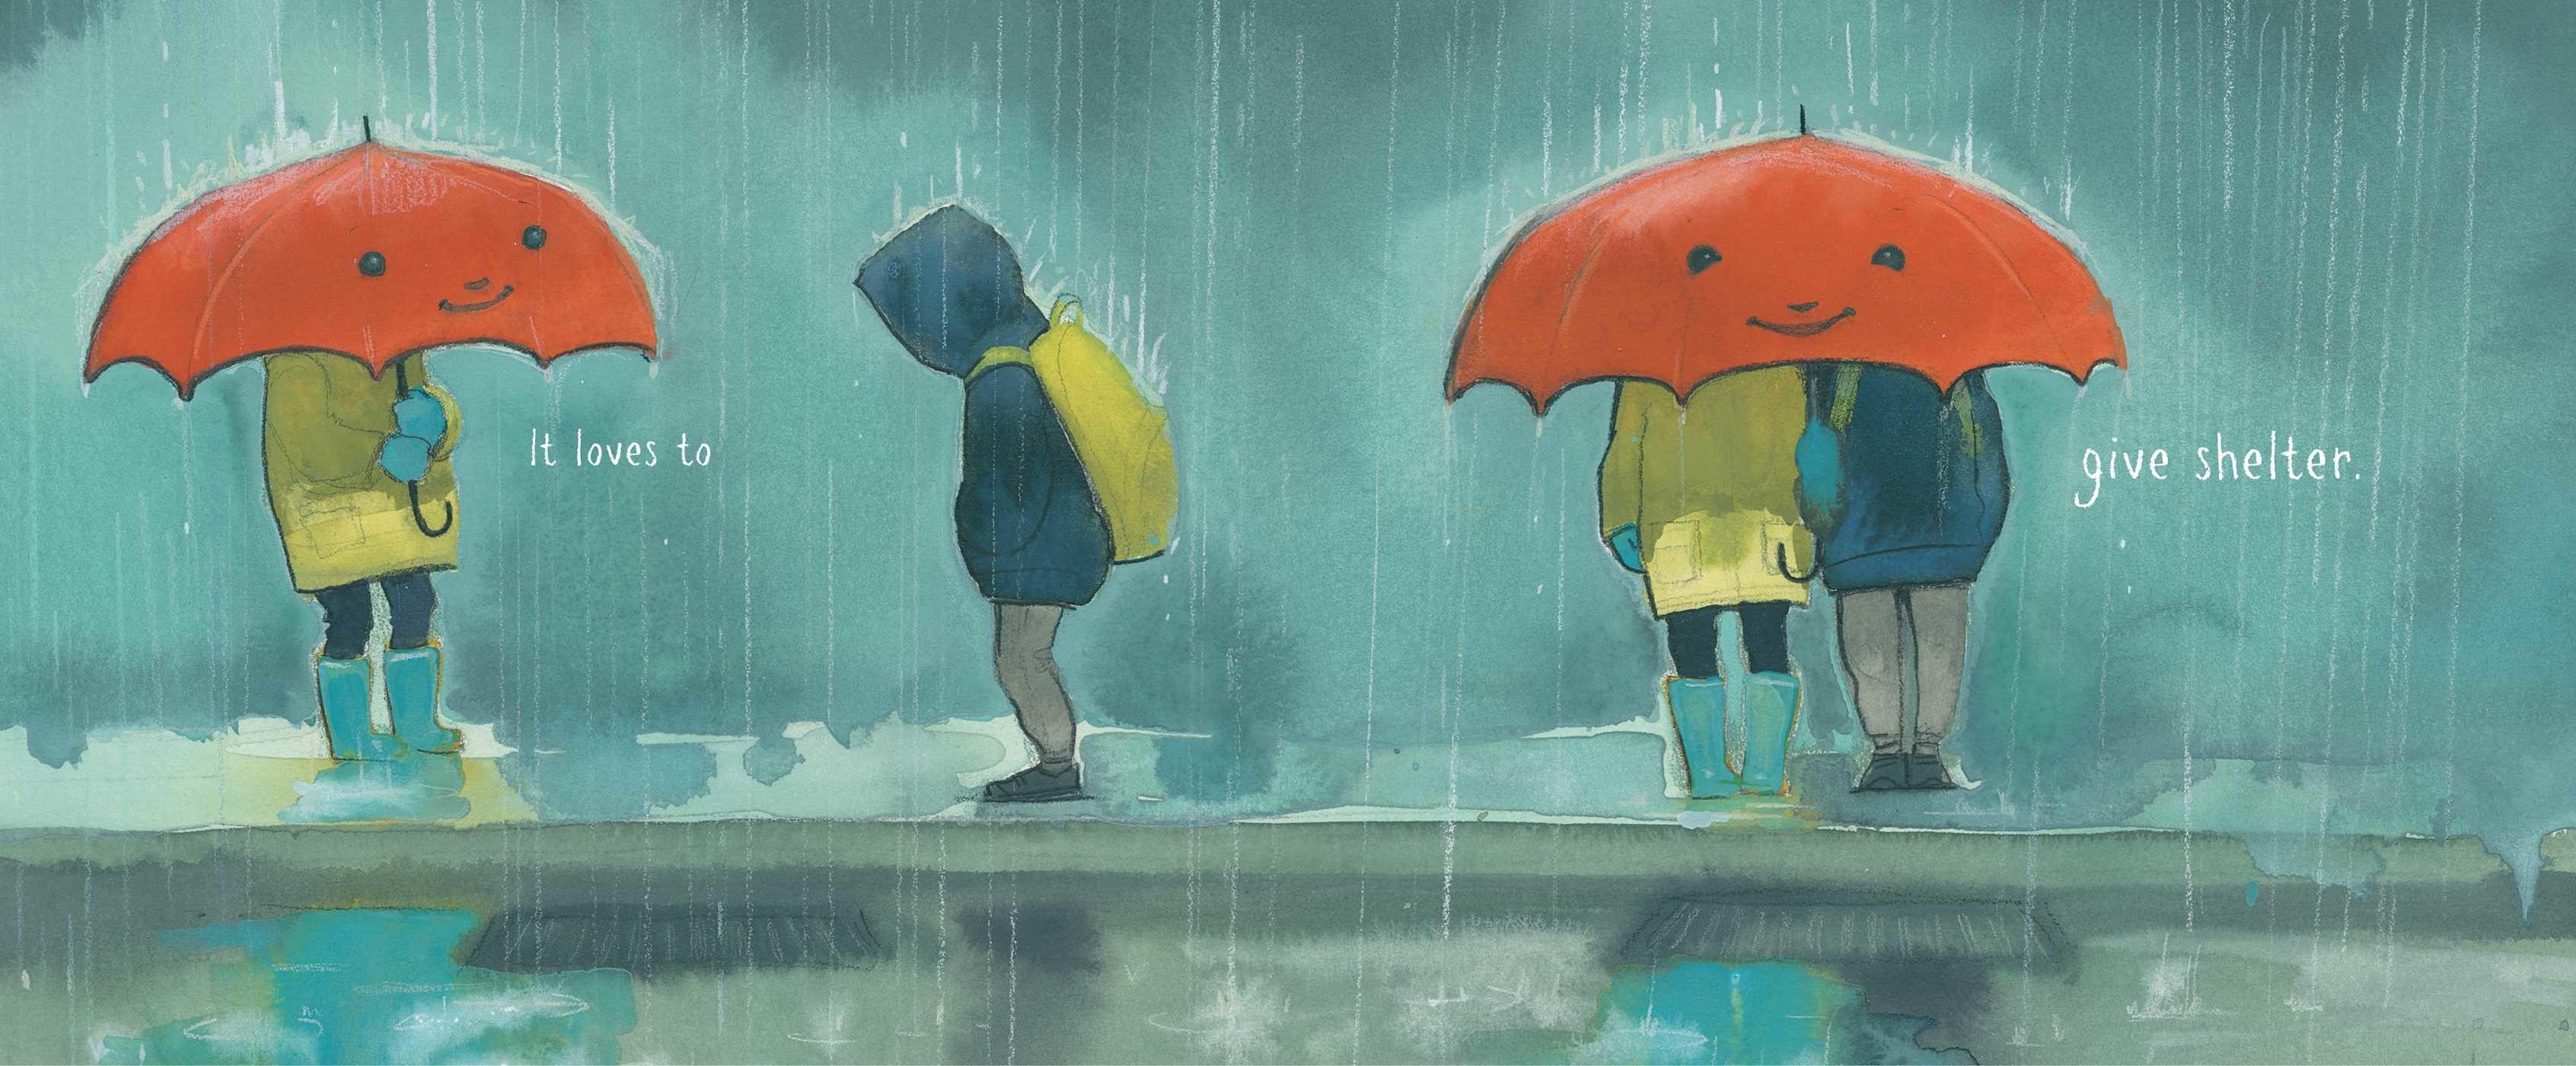 The big umbrella 9781534406582.in05